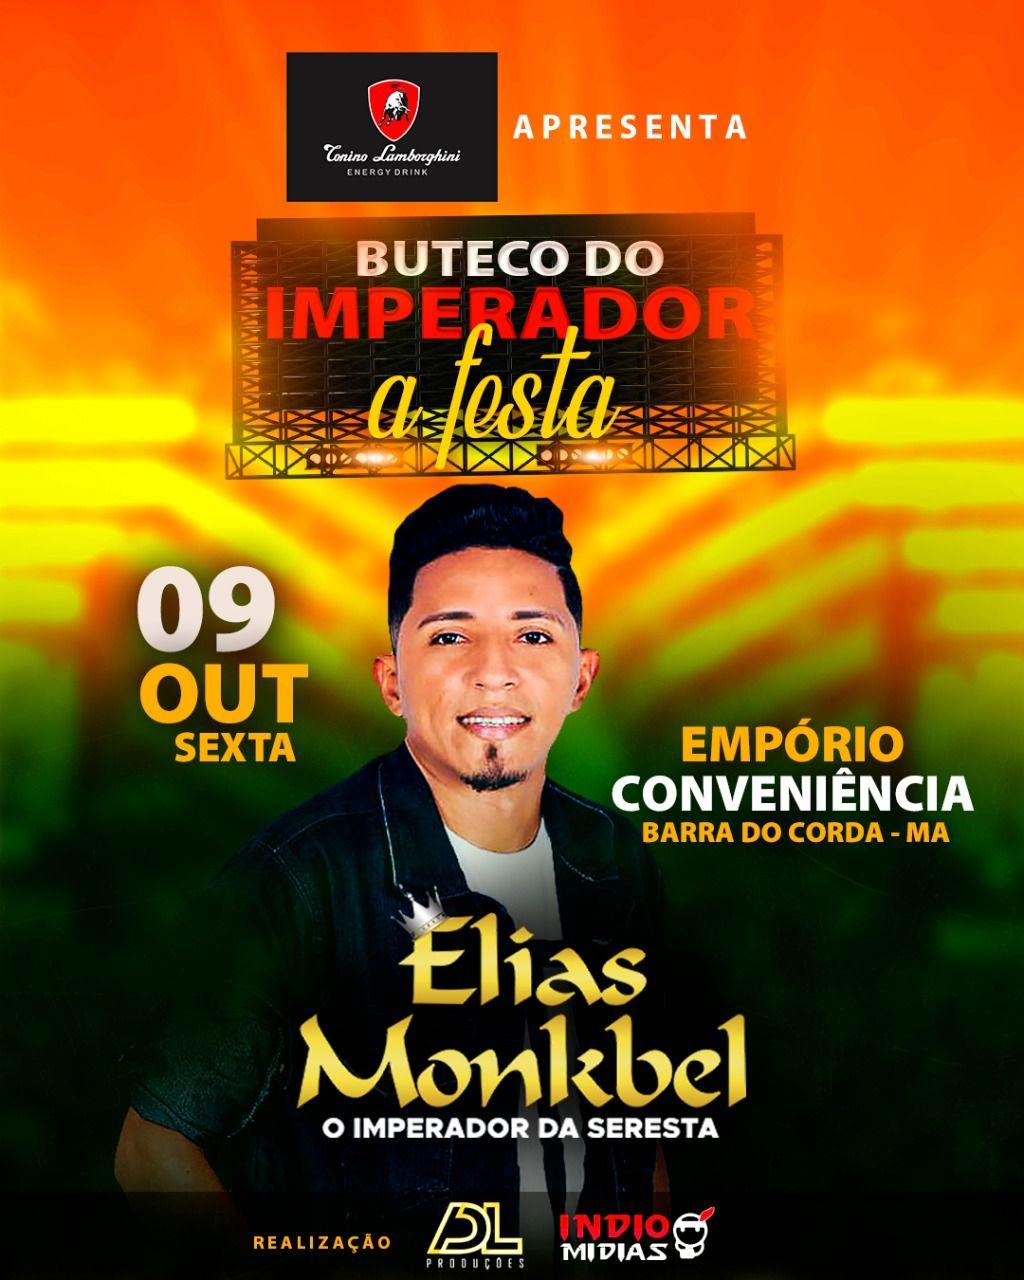 VEM AÍ!! Grande show com o cantor Elias Mankbel dia 9 de outubro em Barra do Corda